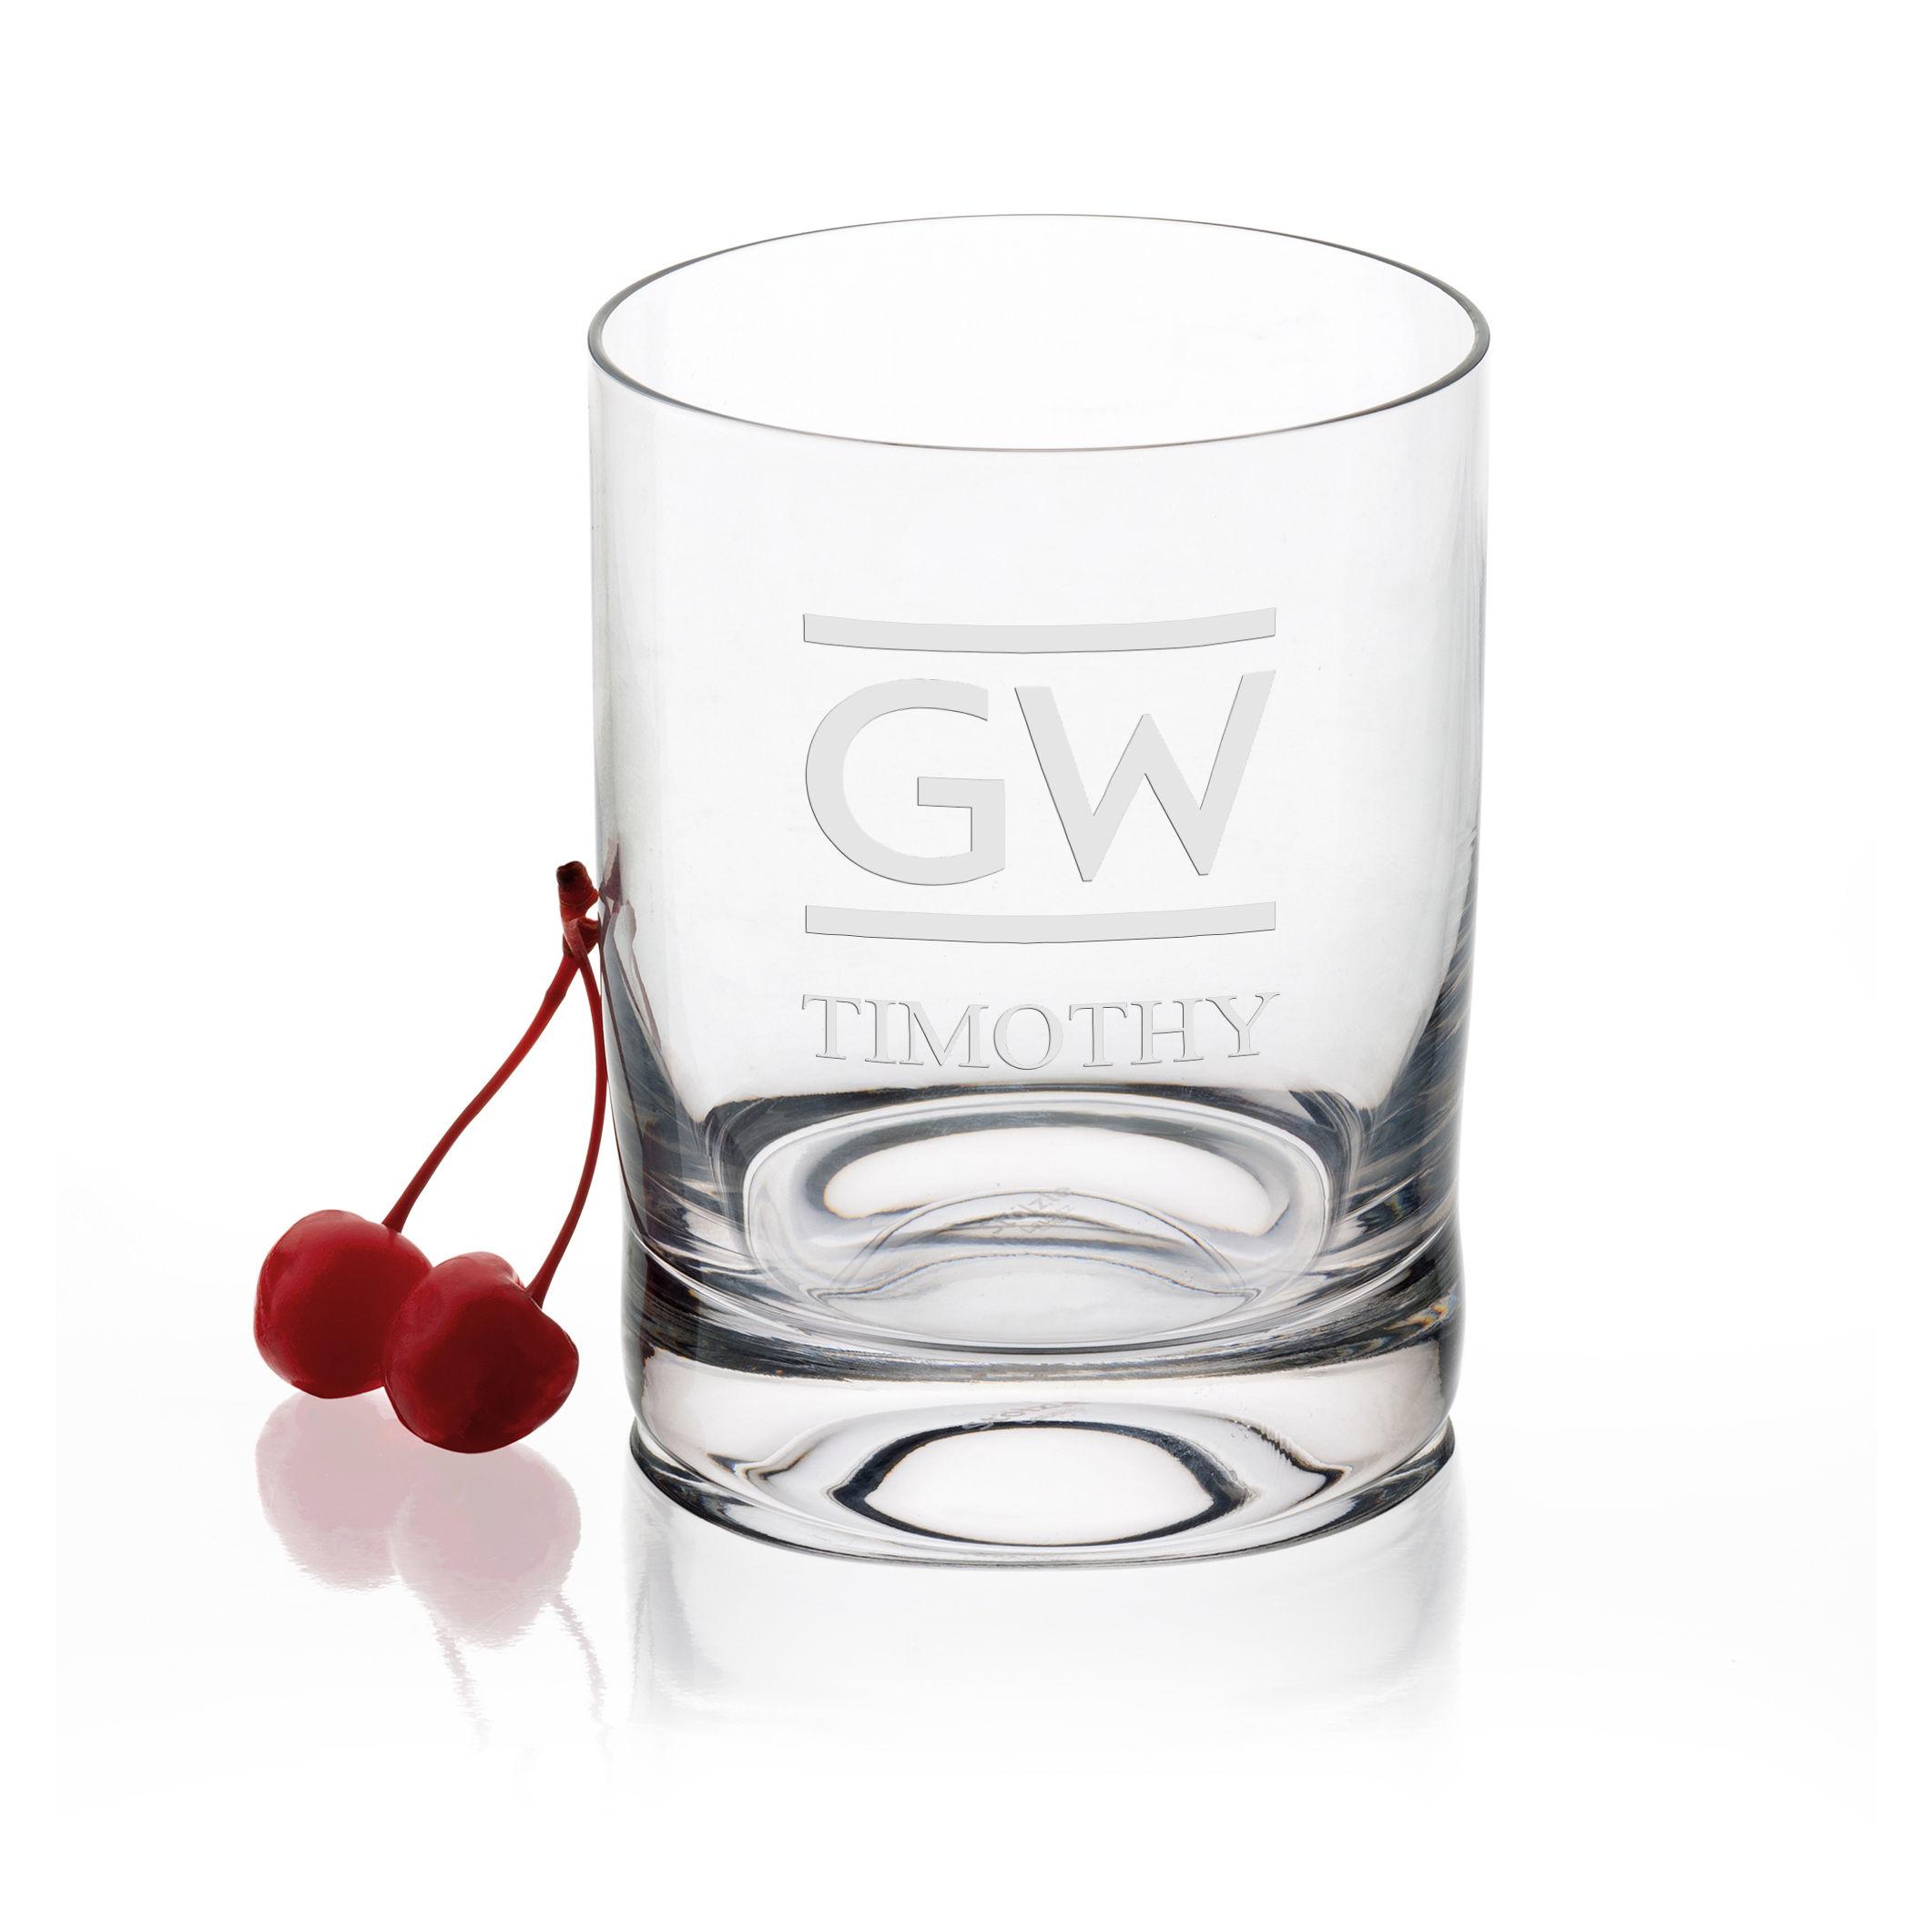 George Washington University Tumbler Glasses - Set of 2